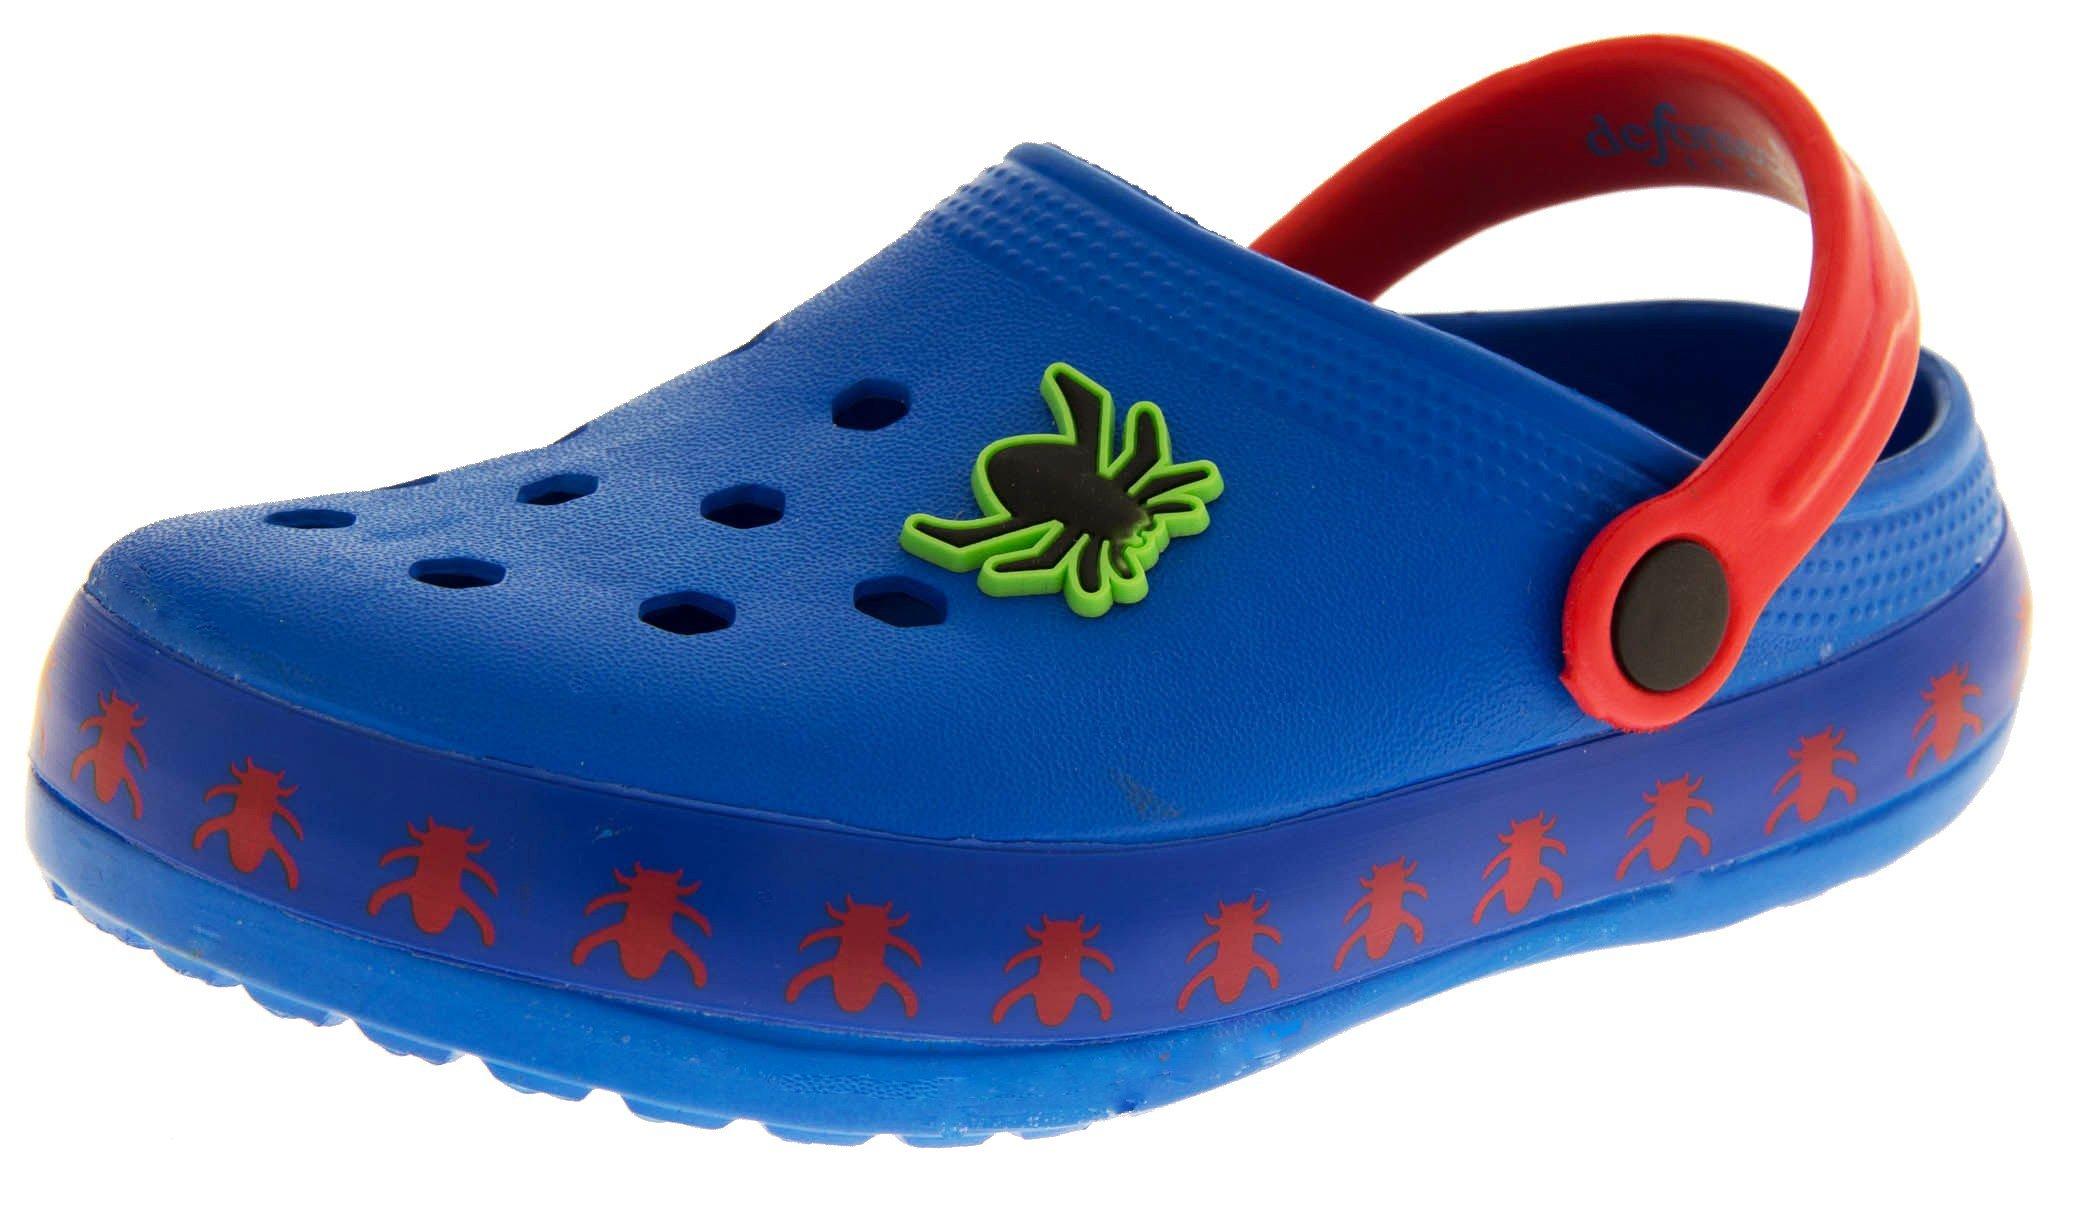 De Fonseca Boys Girls Sabotis Blue (red Strap) Summer Beach Clog Sandals US 3.5